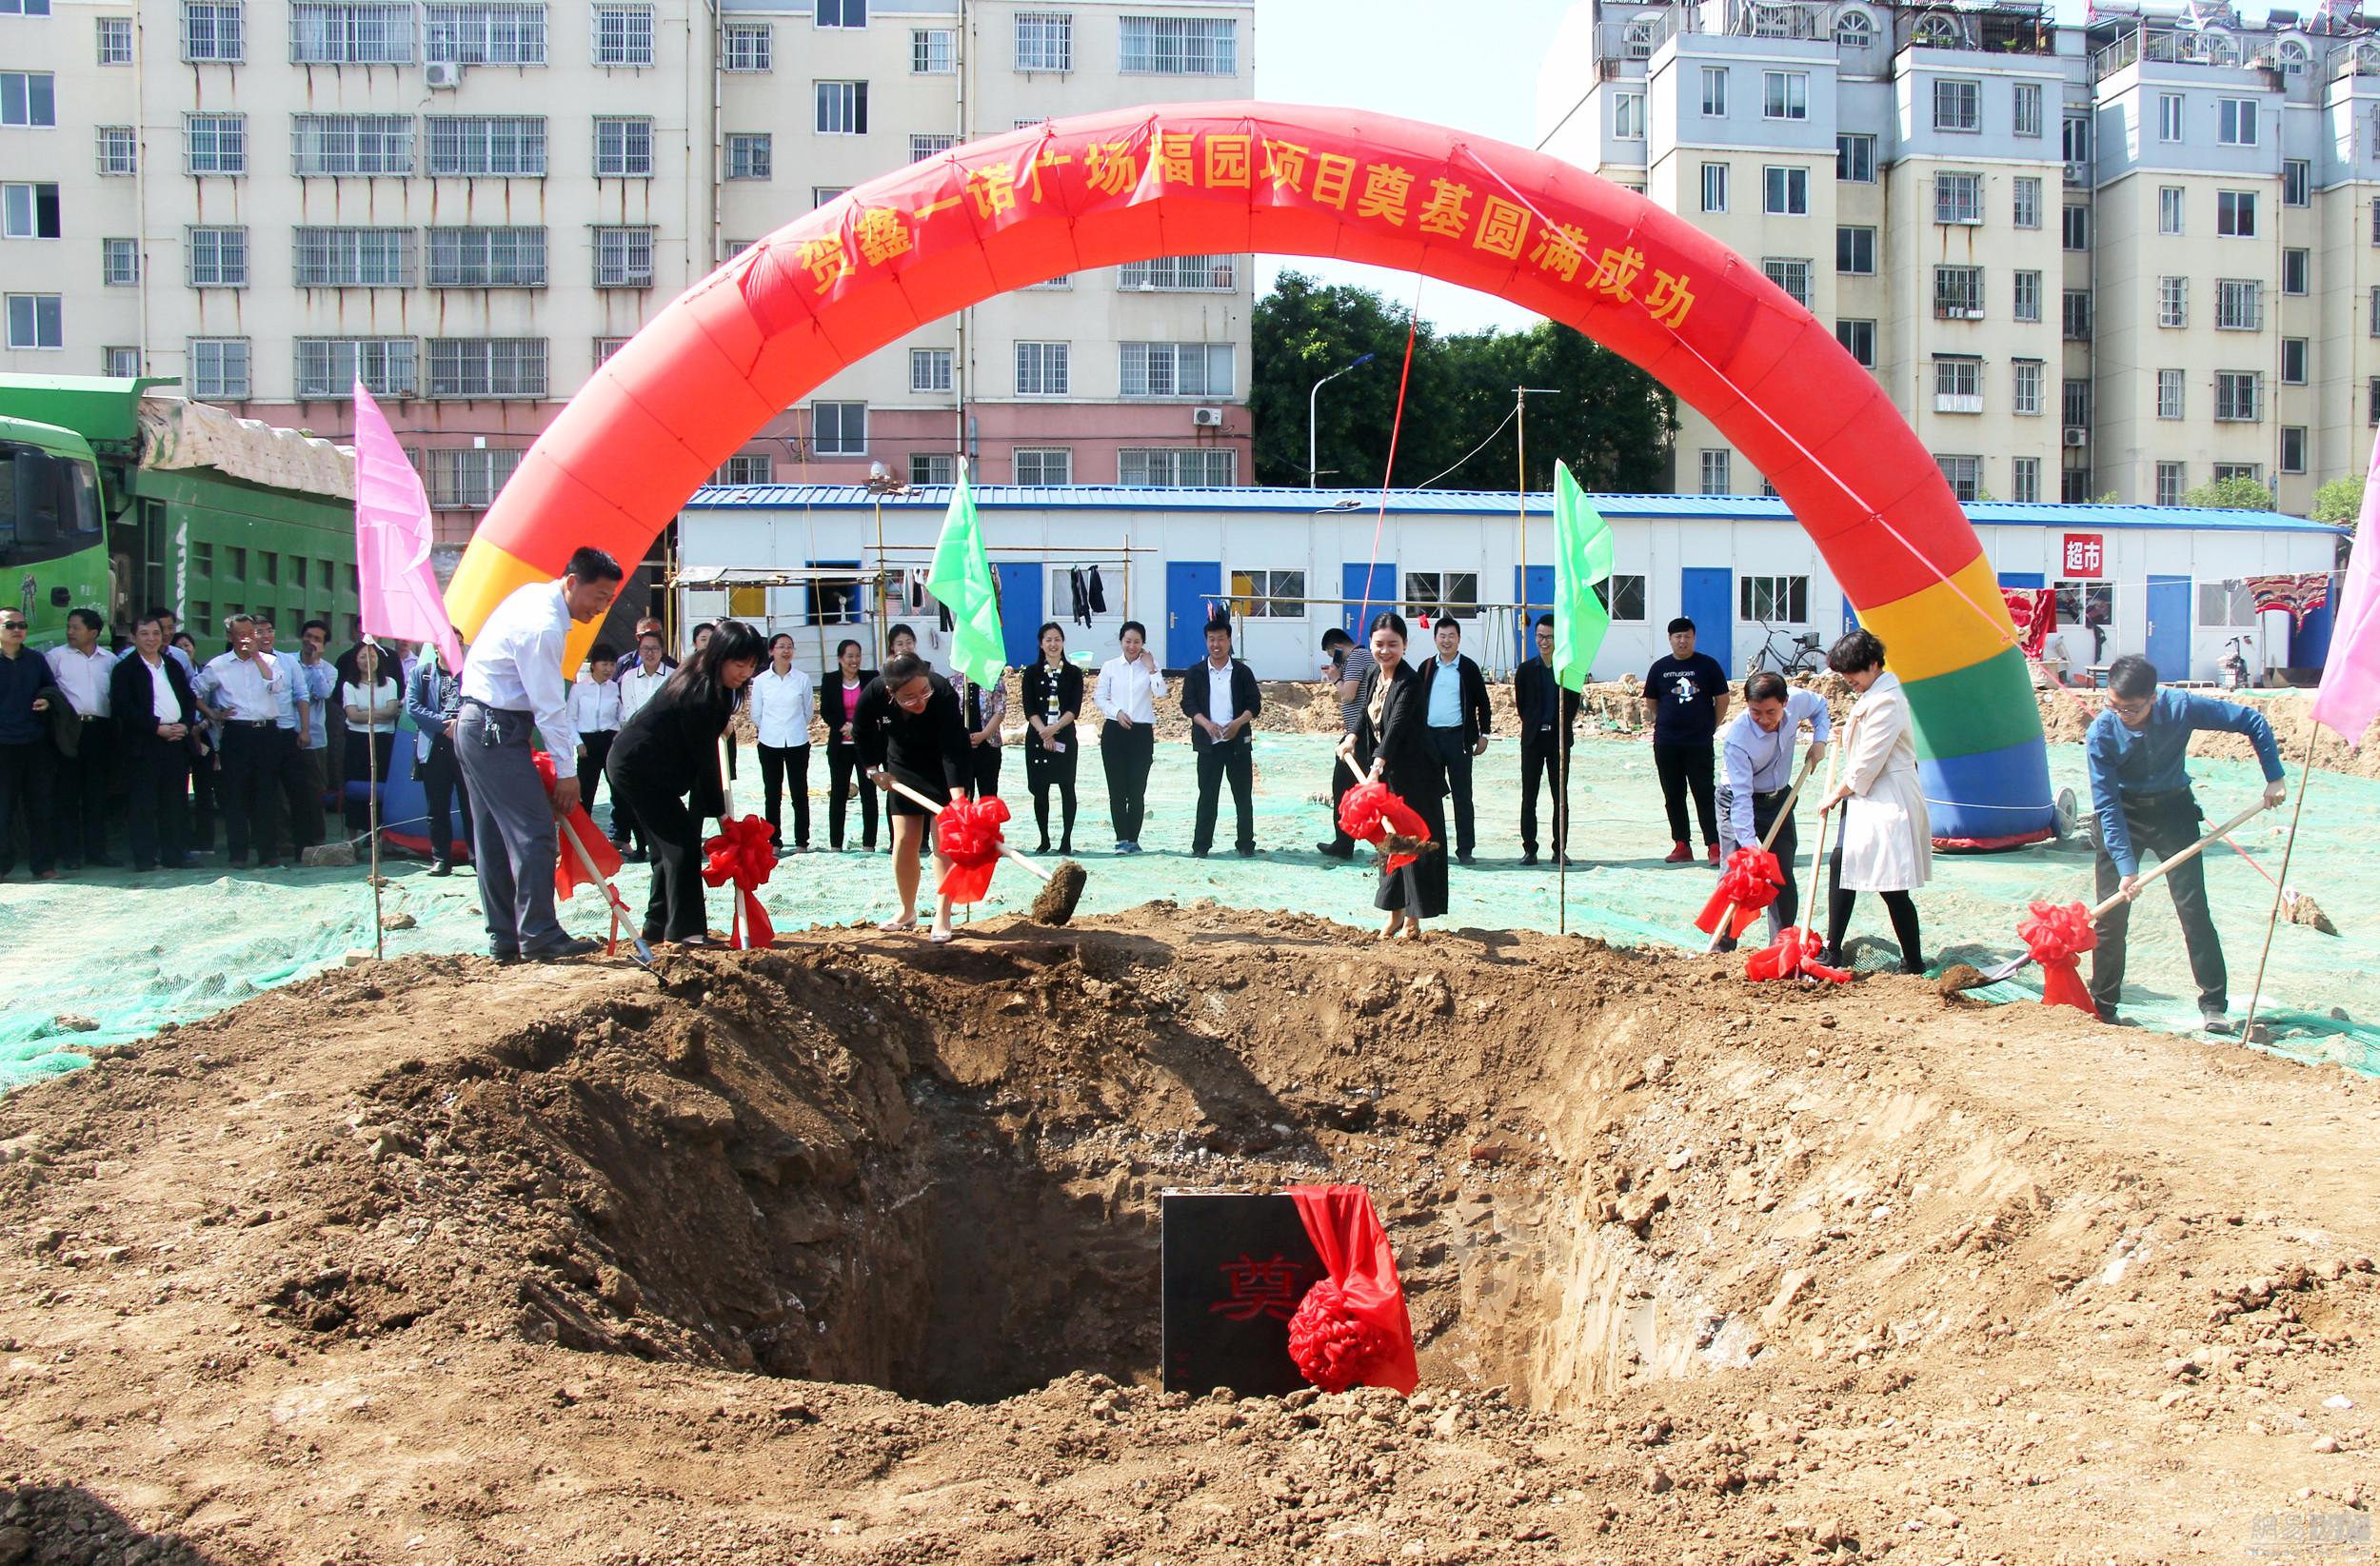 临淄鑫一诺广场福园项目奠基仪式隆重举行